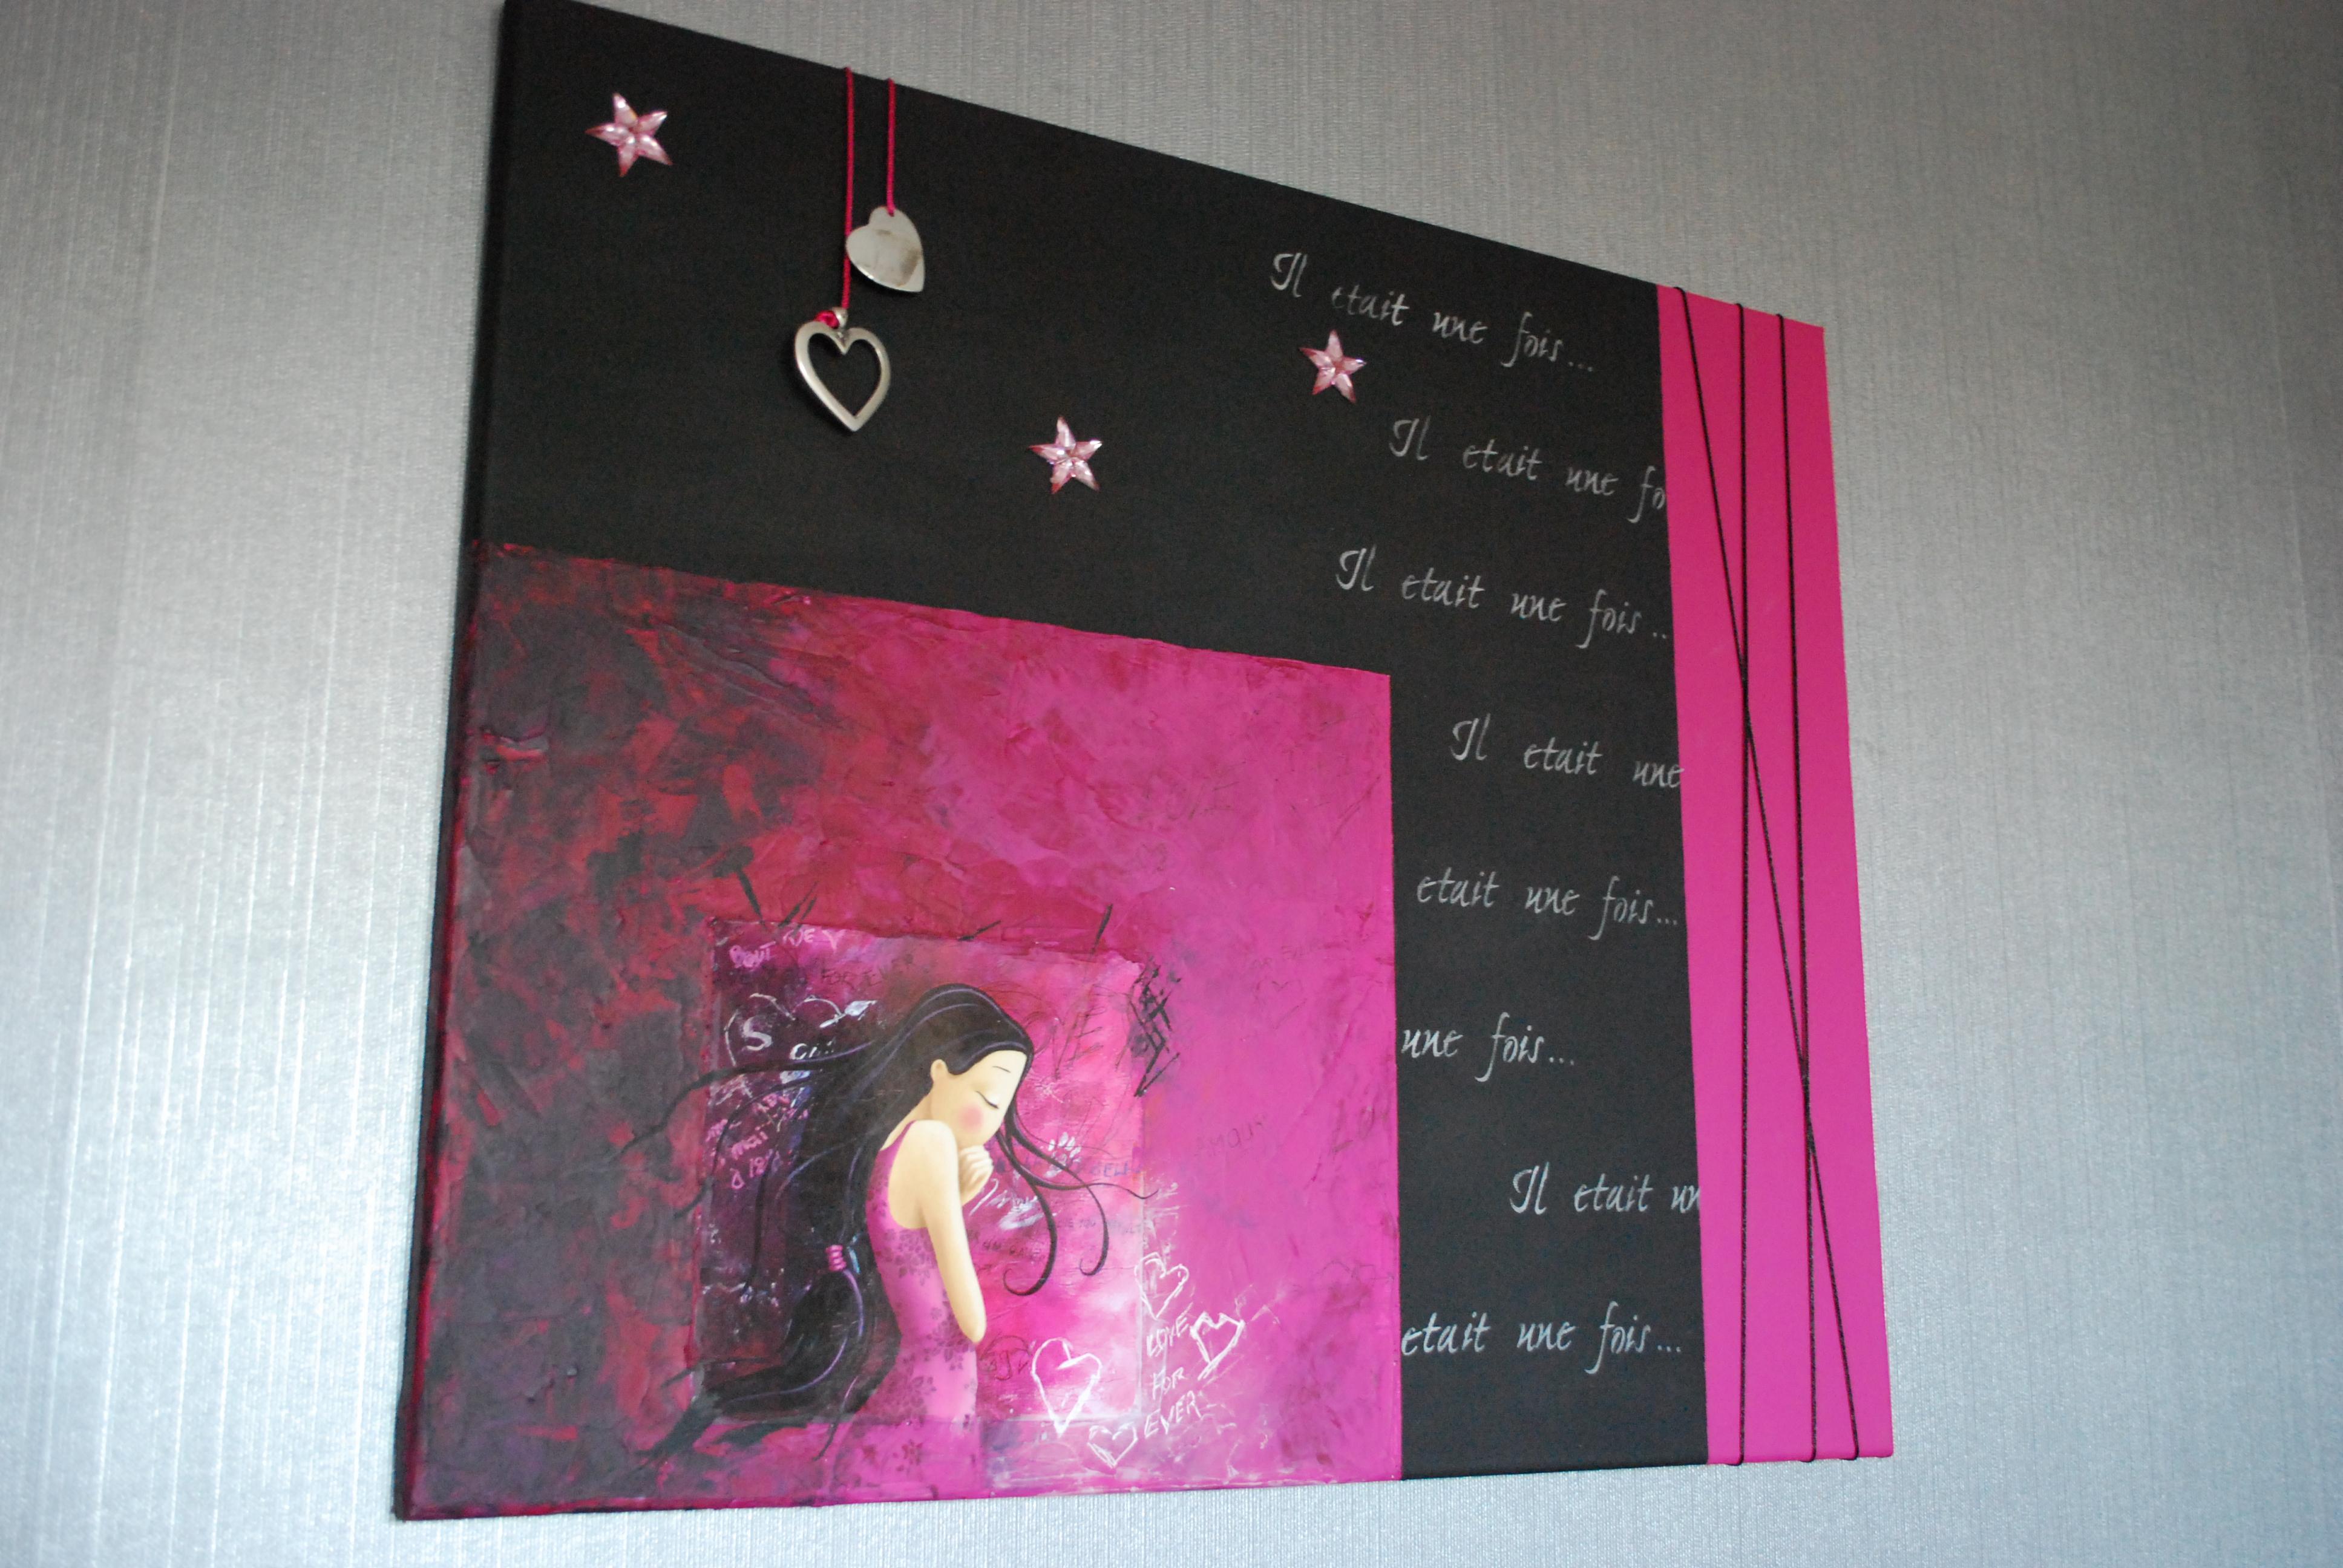 Miloune cr ation archives du blog toile manga for Chambre sociale 13 janvier 2009